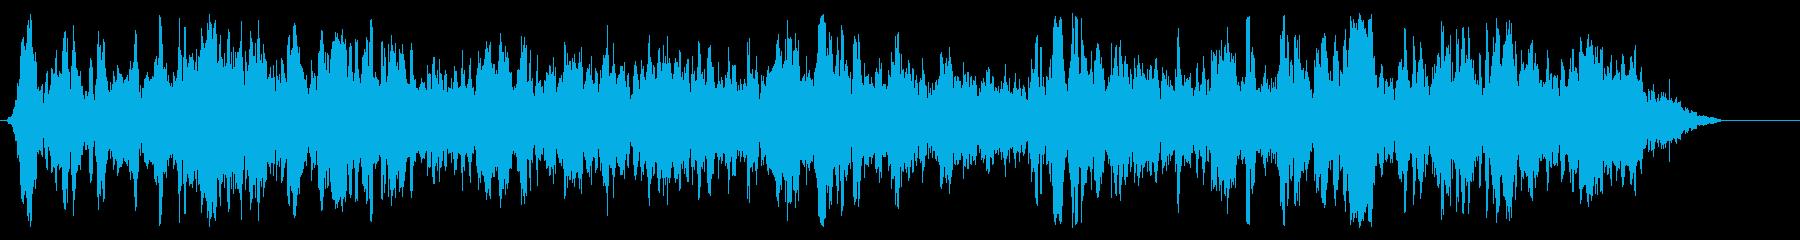 バッスル5内側の柔らかい雑音の再生済みの波形